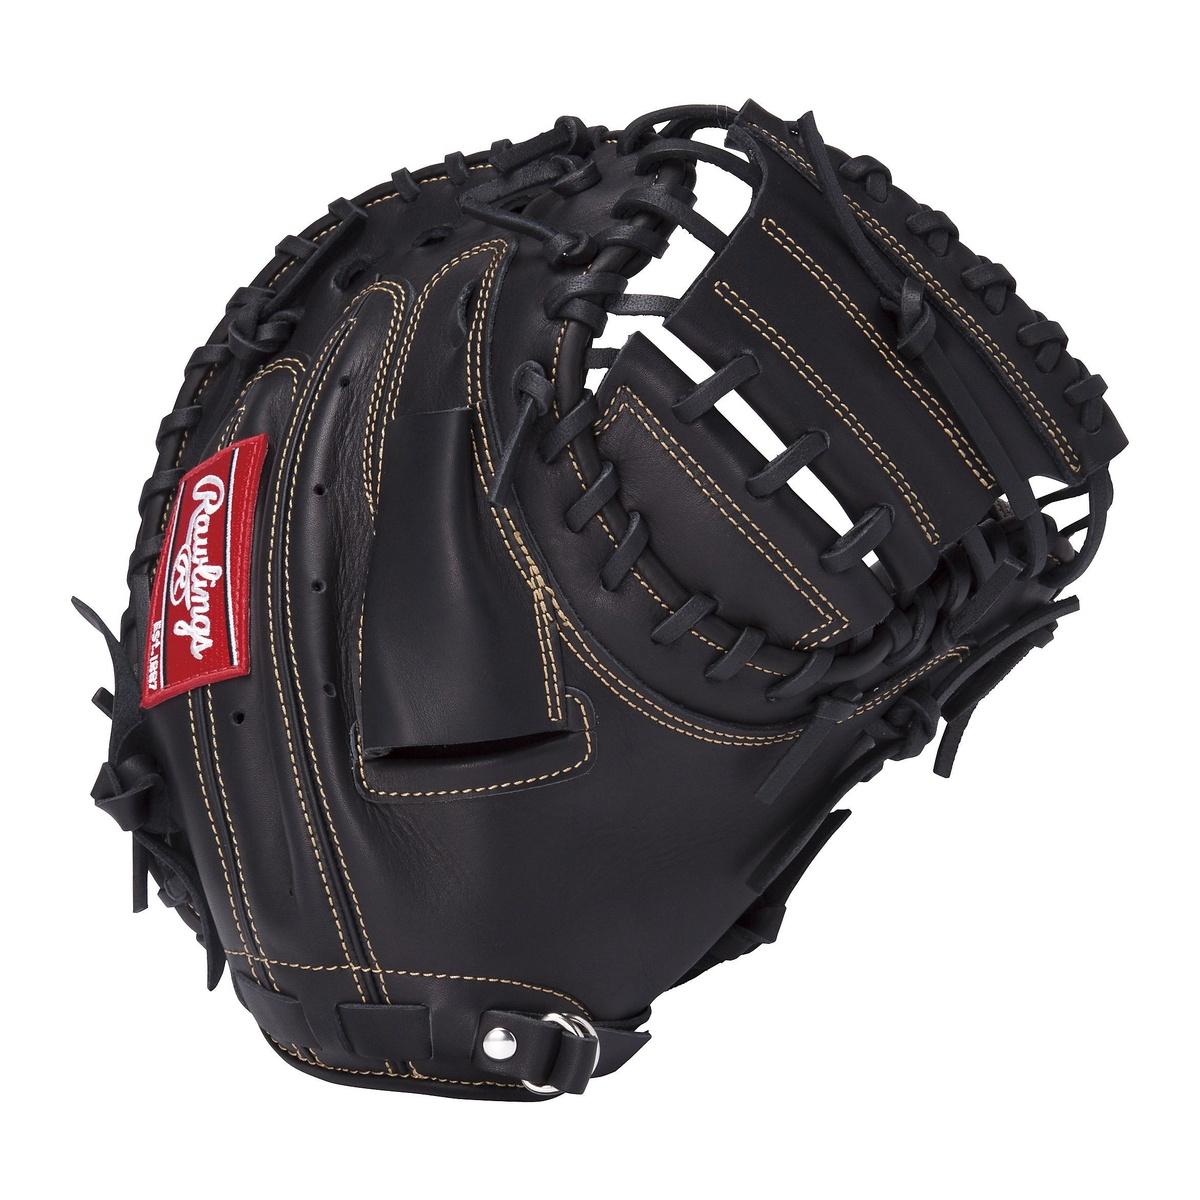 【送料無料】 Rawlings (ローリングス) 野球 軟式グローブ一般 ナンシキ ゲーマーDP 2AF-ブラック ブラック GR7FGL2AF